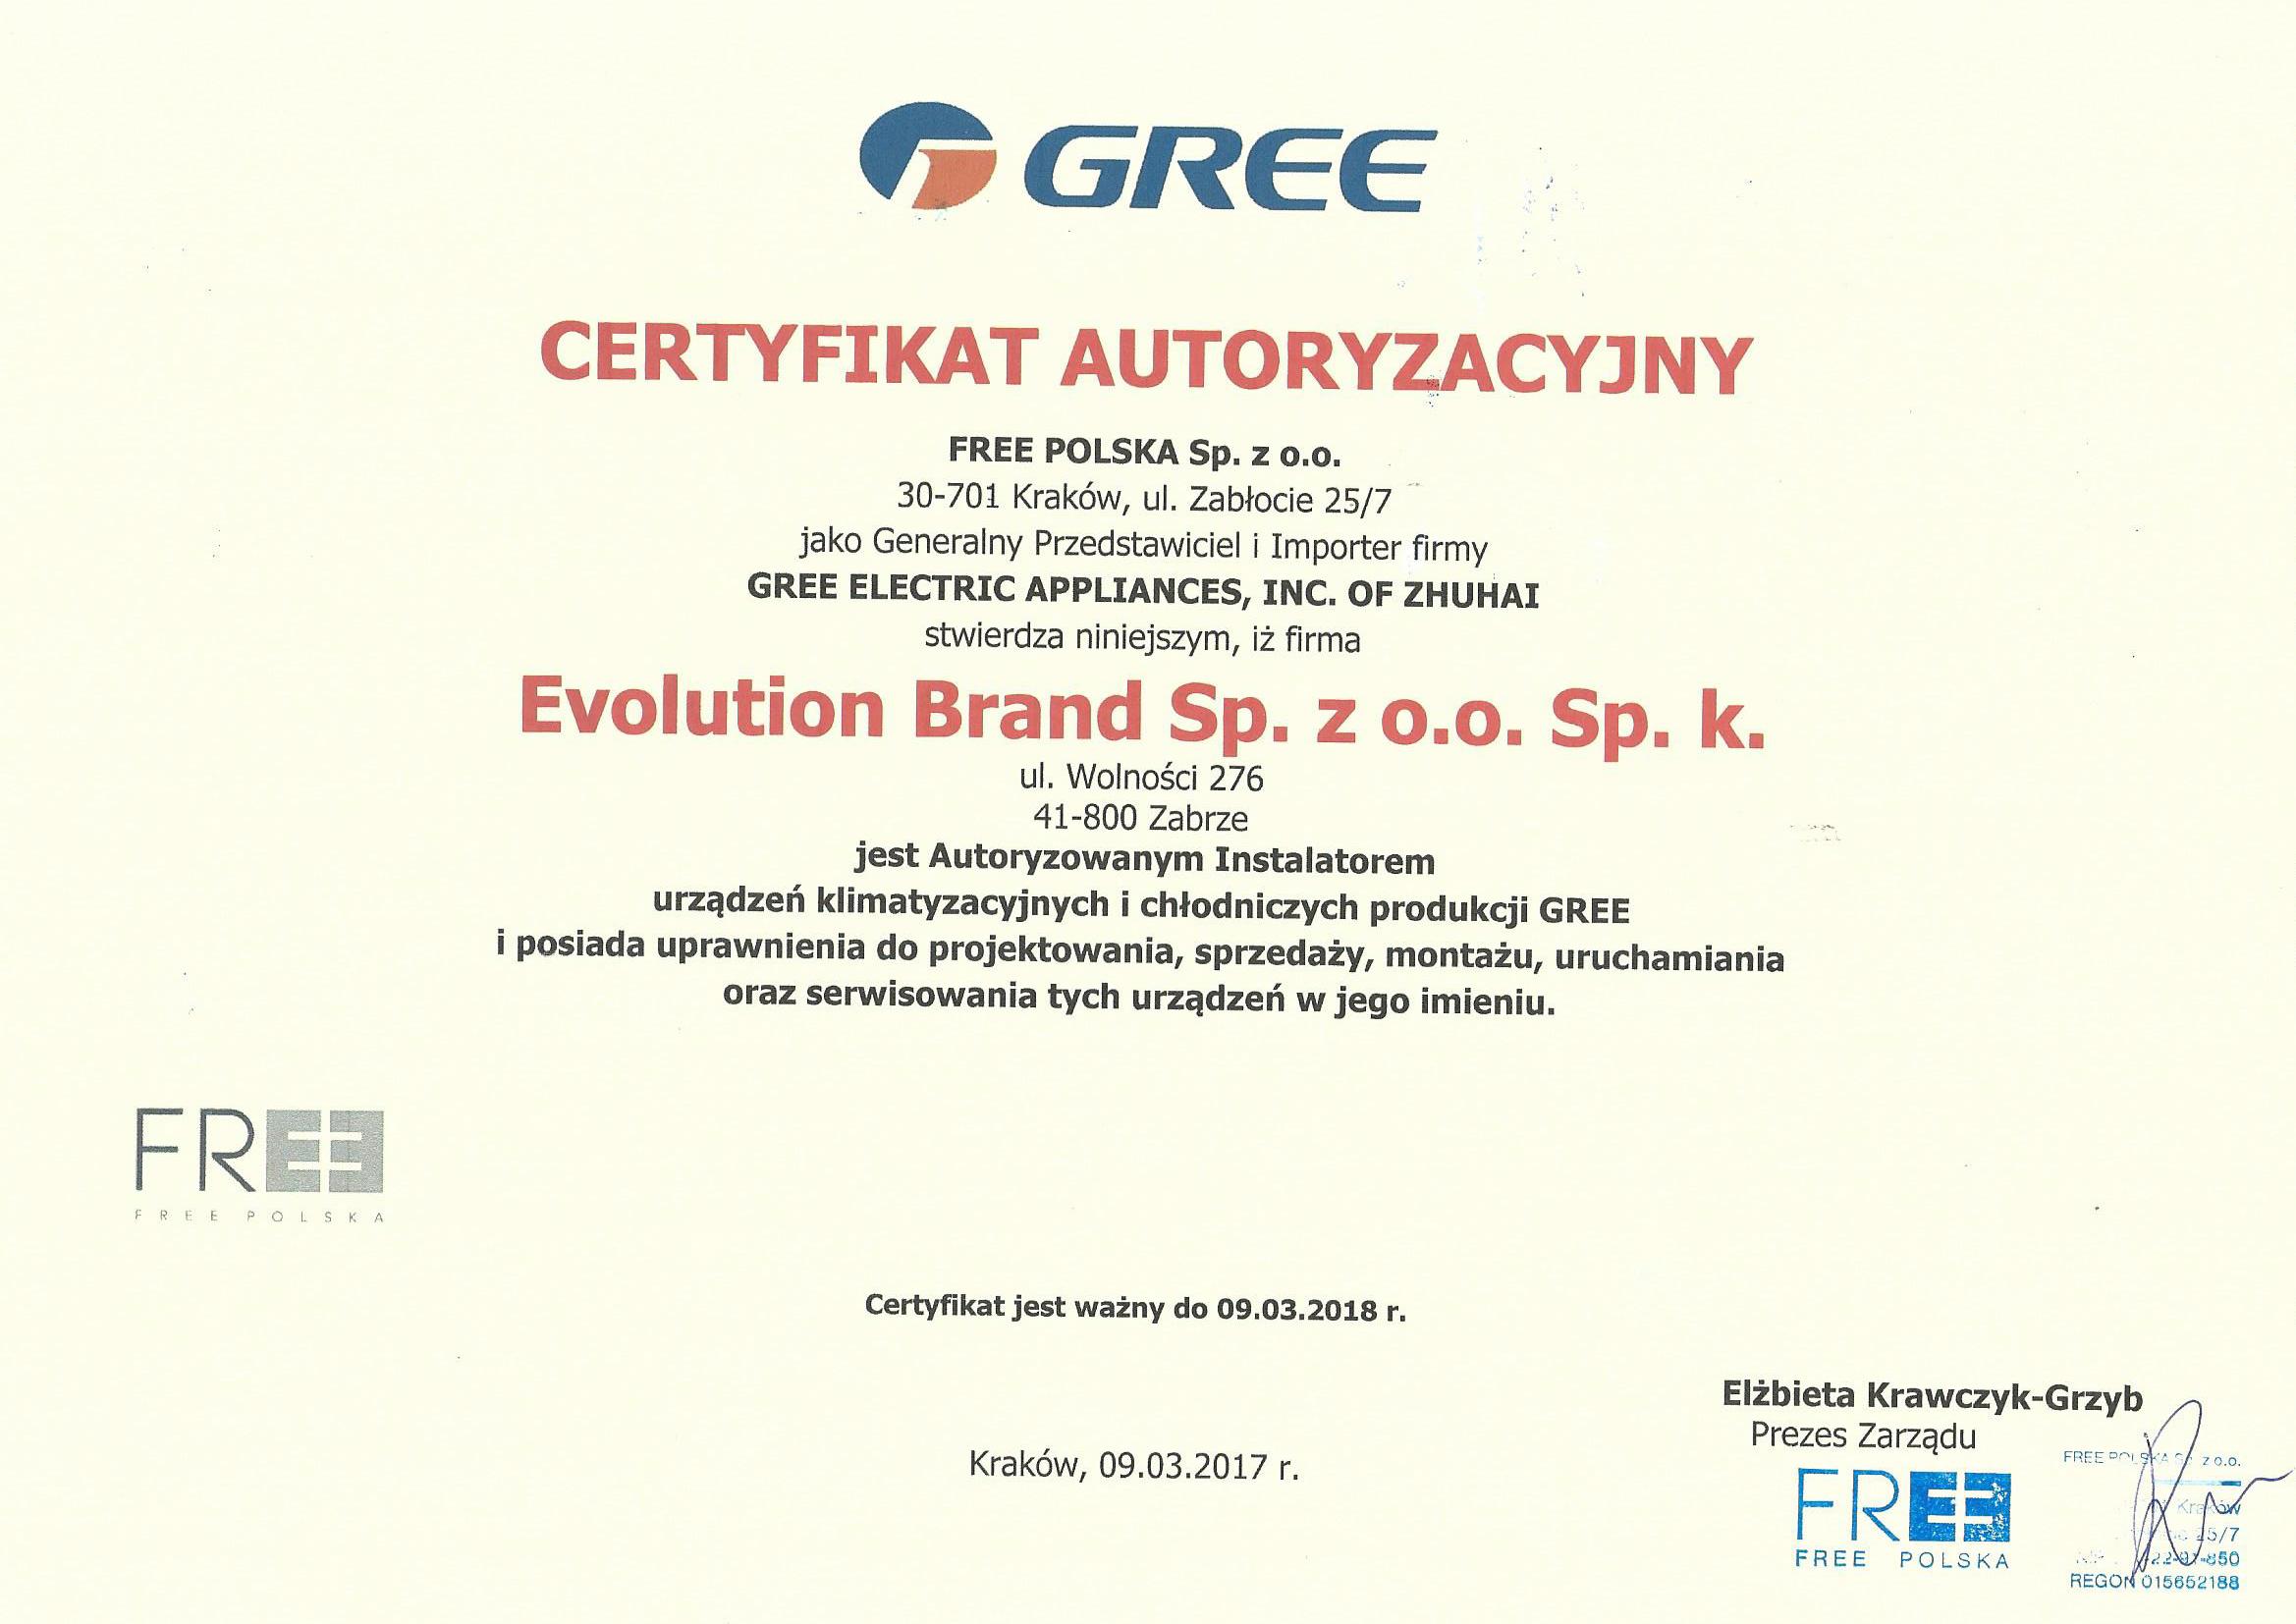 Gree certyfikat